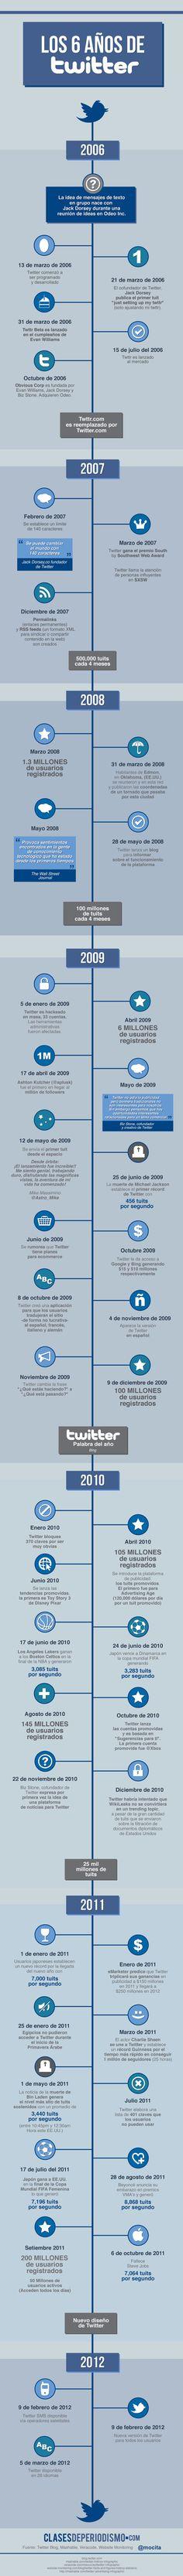 Recomendado --->> #Infografía gracias a @cdperiodismo: Los 6 años de #Twitter. ¡Imperdible trabajo!